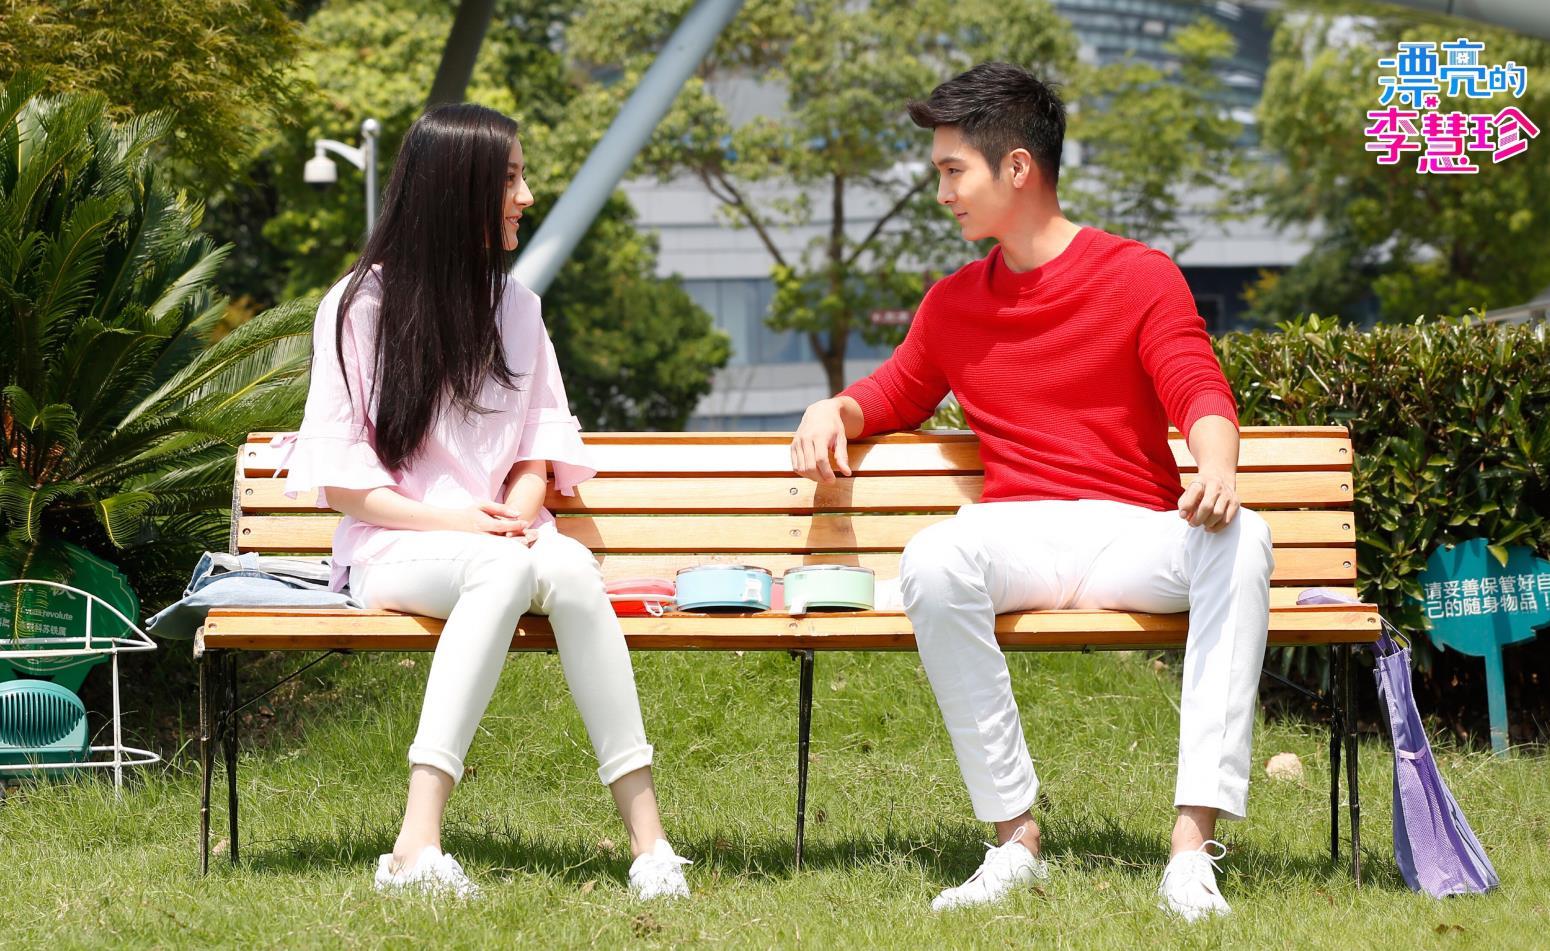 《李慧珍》再显金品质_深圳卫视攀六月收视高点